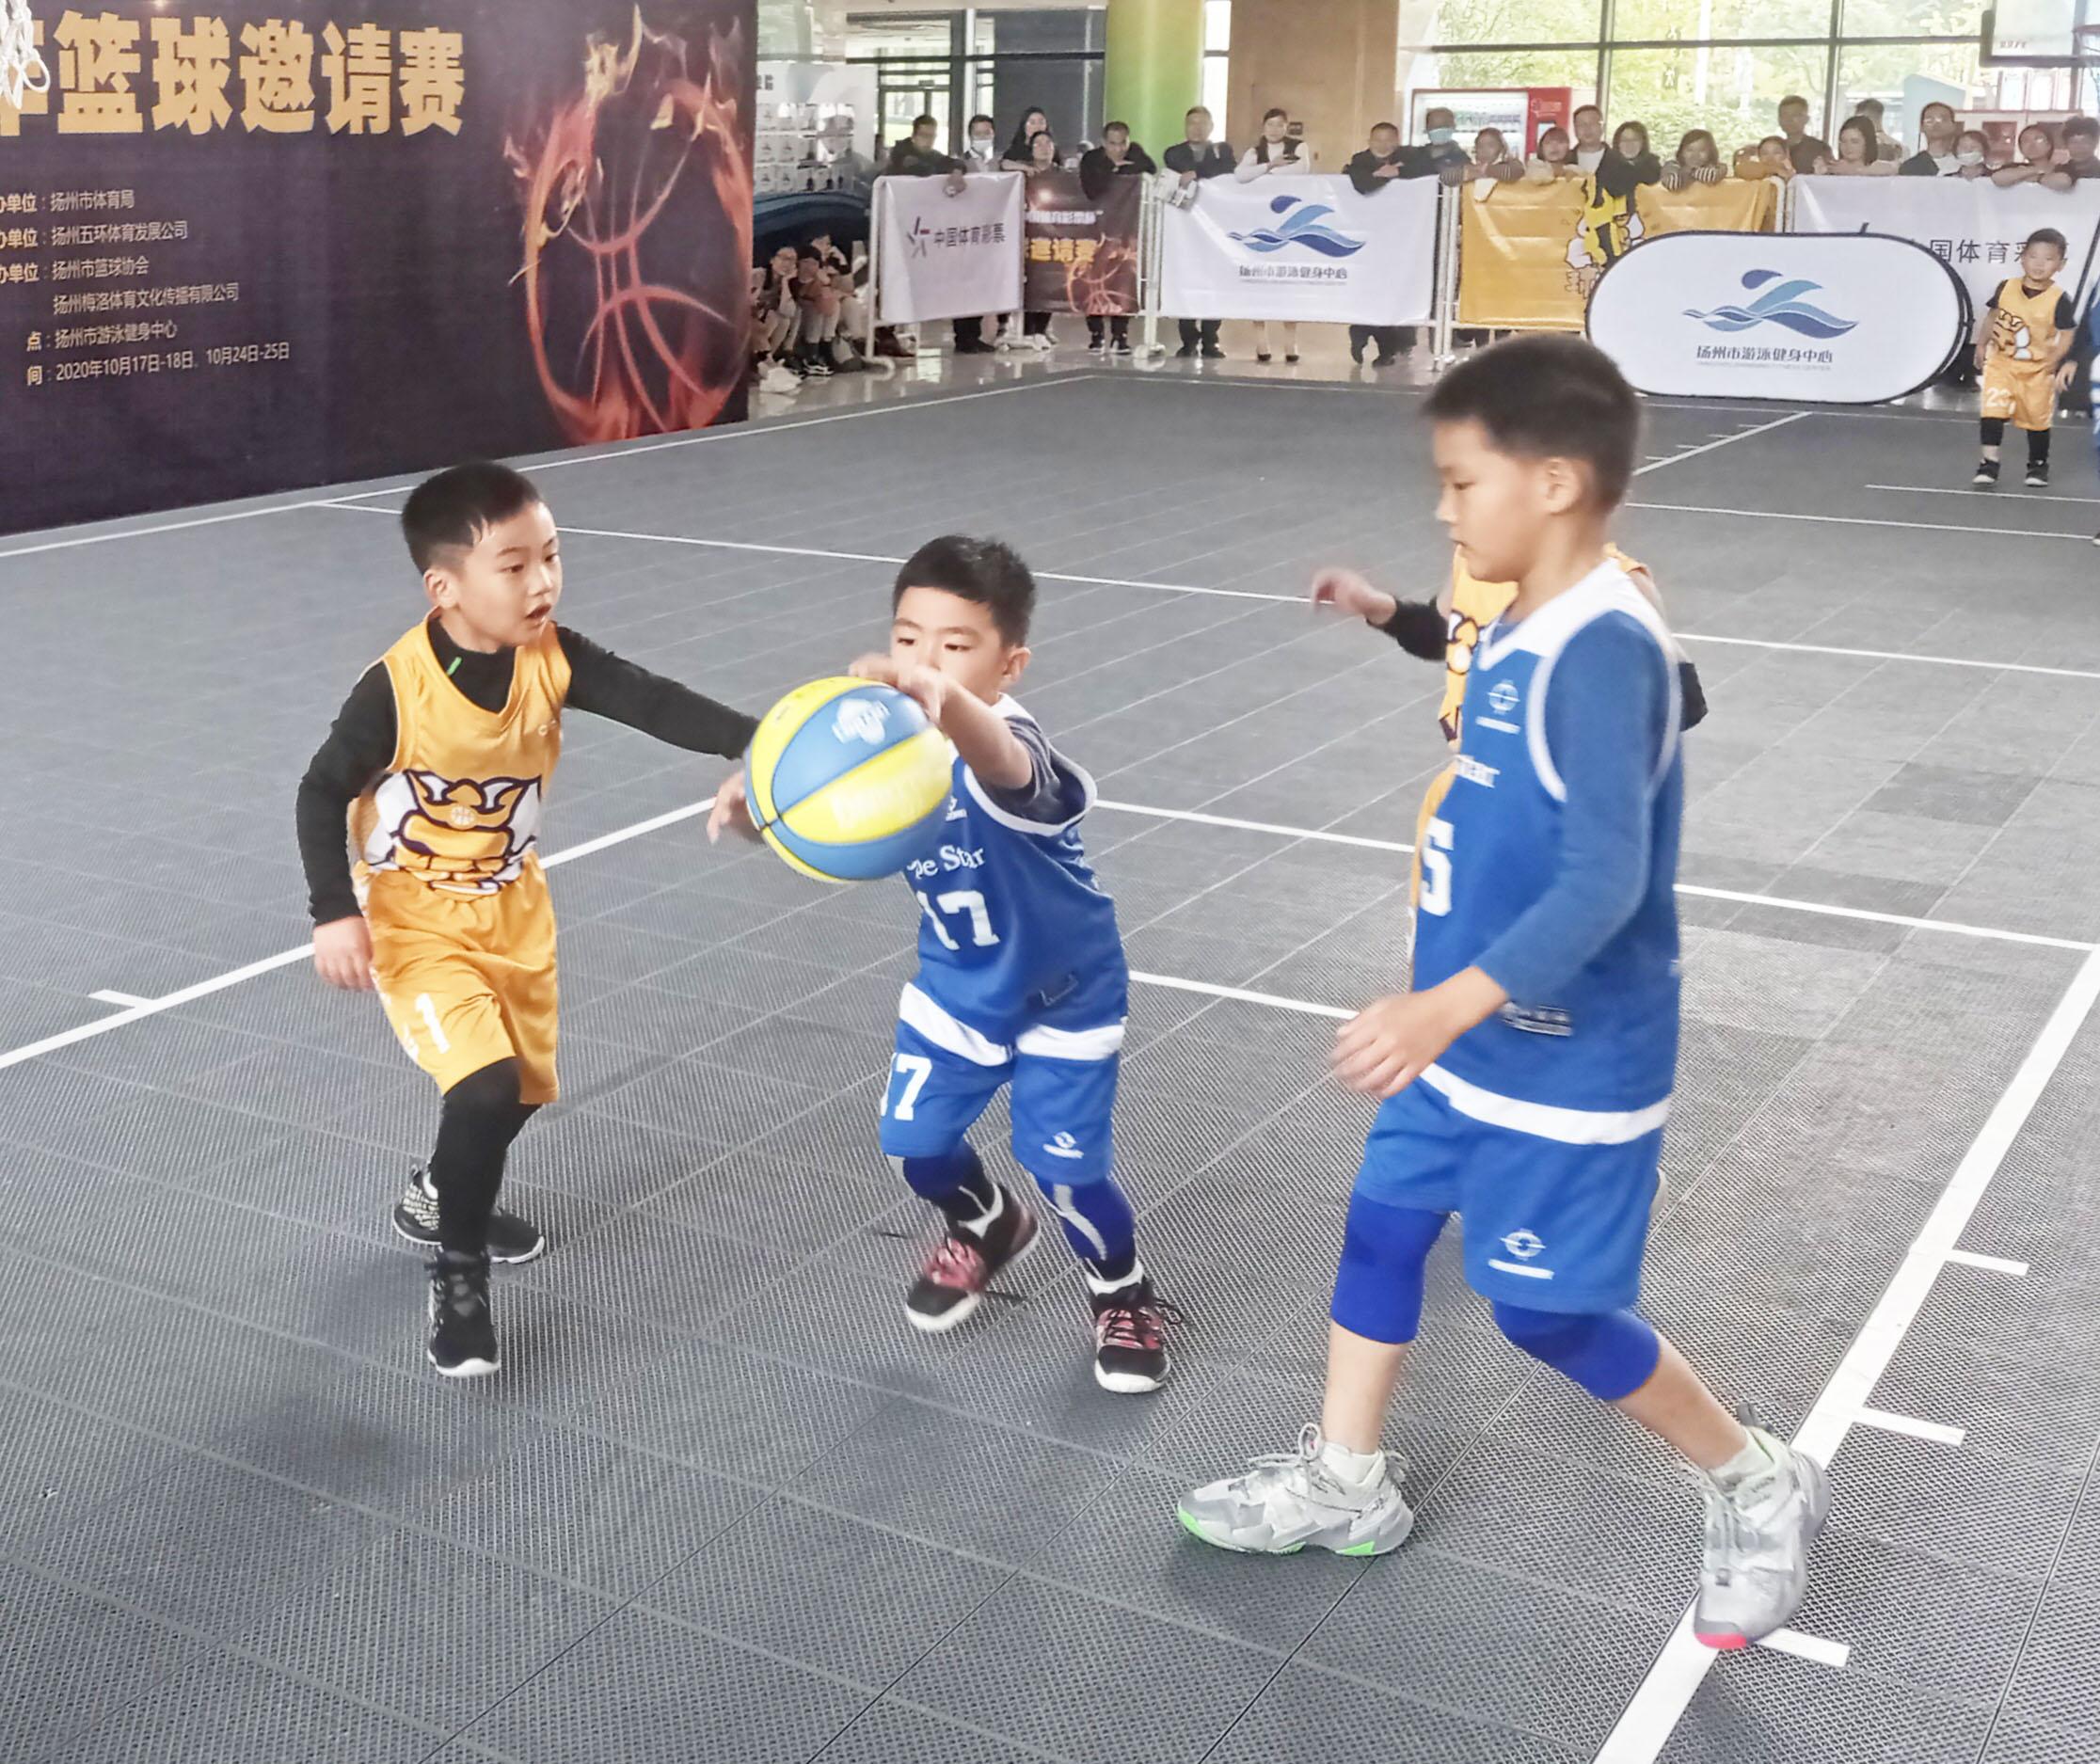 """扬州市青少年篮球邀请赛揭幕省""""双冠王""""亮相球场"""